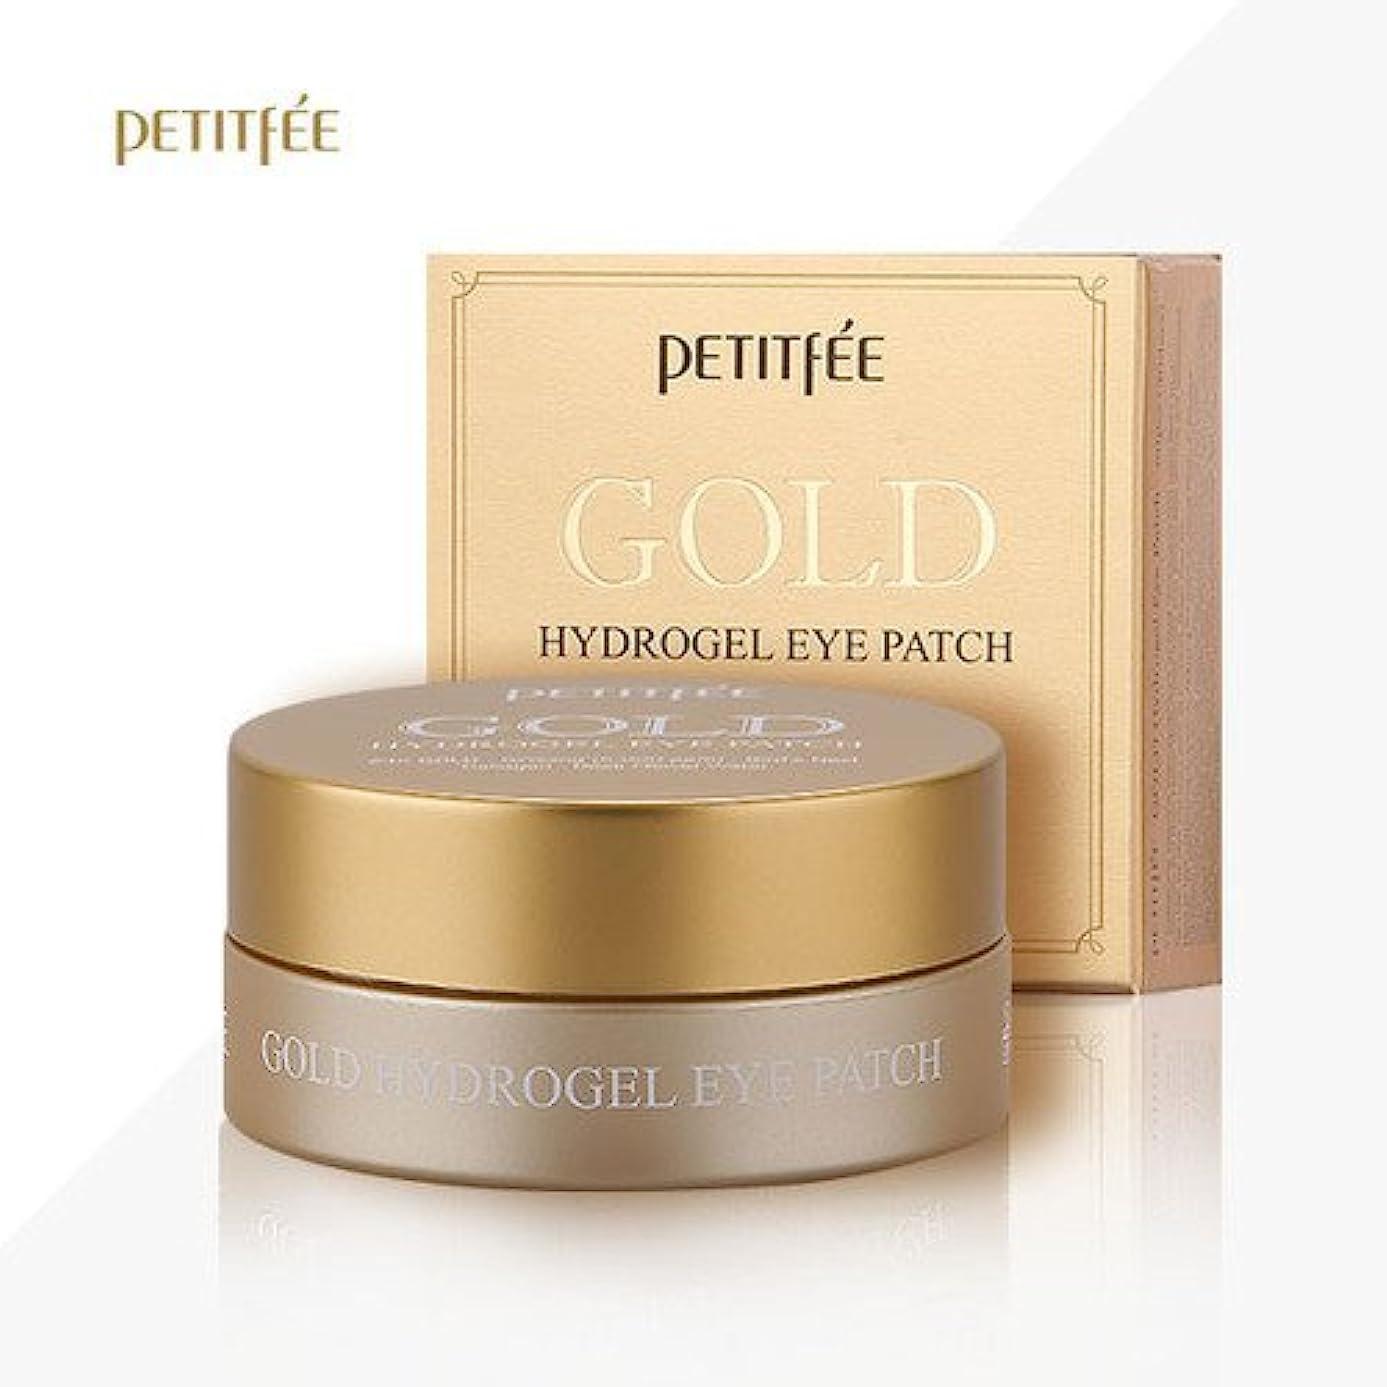 良性咲く血まみれのPETITFEE(プチペ)ゴールドハイドロゲルアイパチ(60枚)/ Petitfee Gold Hydrogel Eye Patch (60Sheets) [並行輸入品]